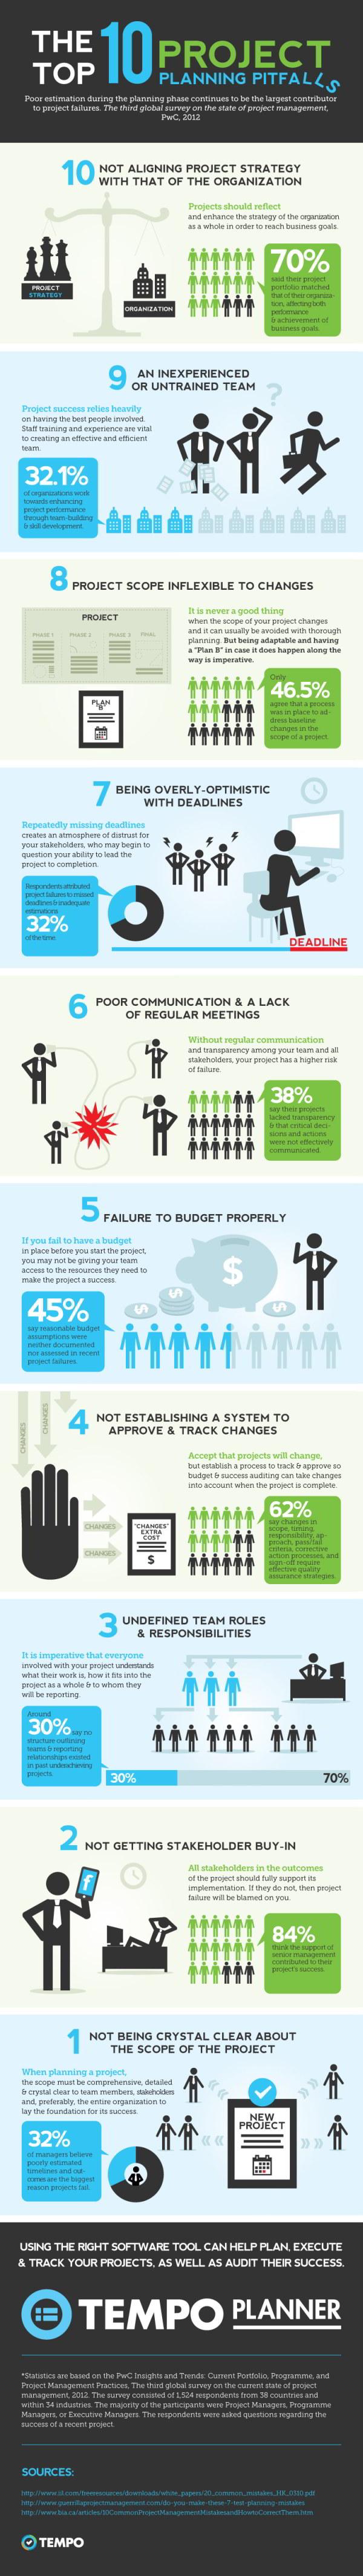 Infographie présentant les 10 règles d'or de la gestion de projet